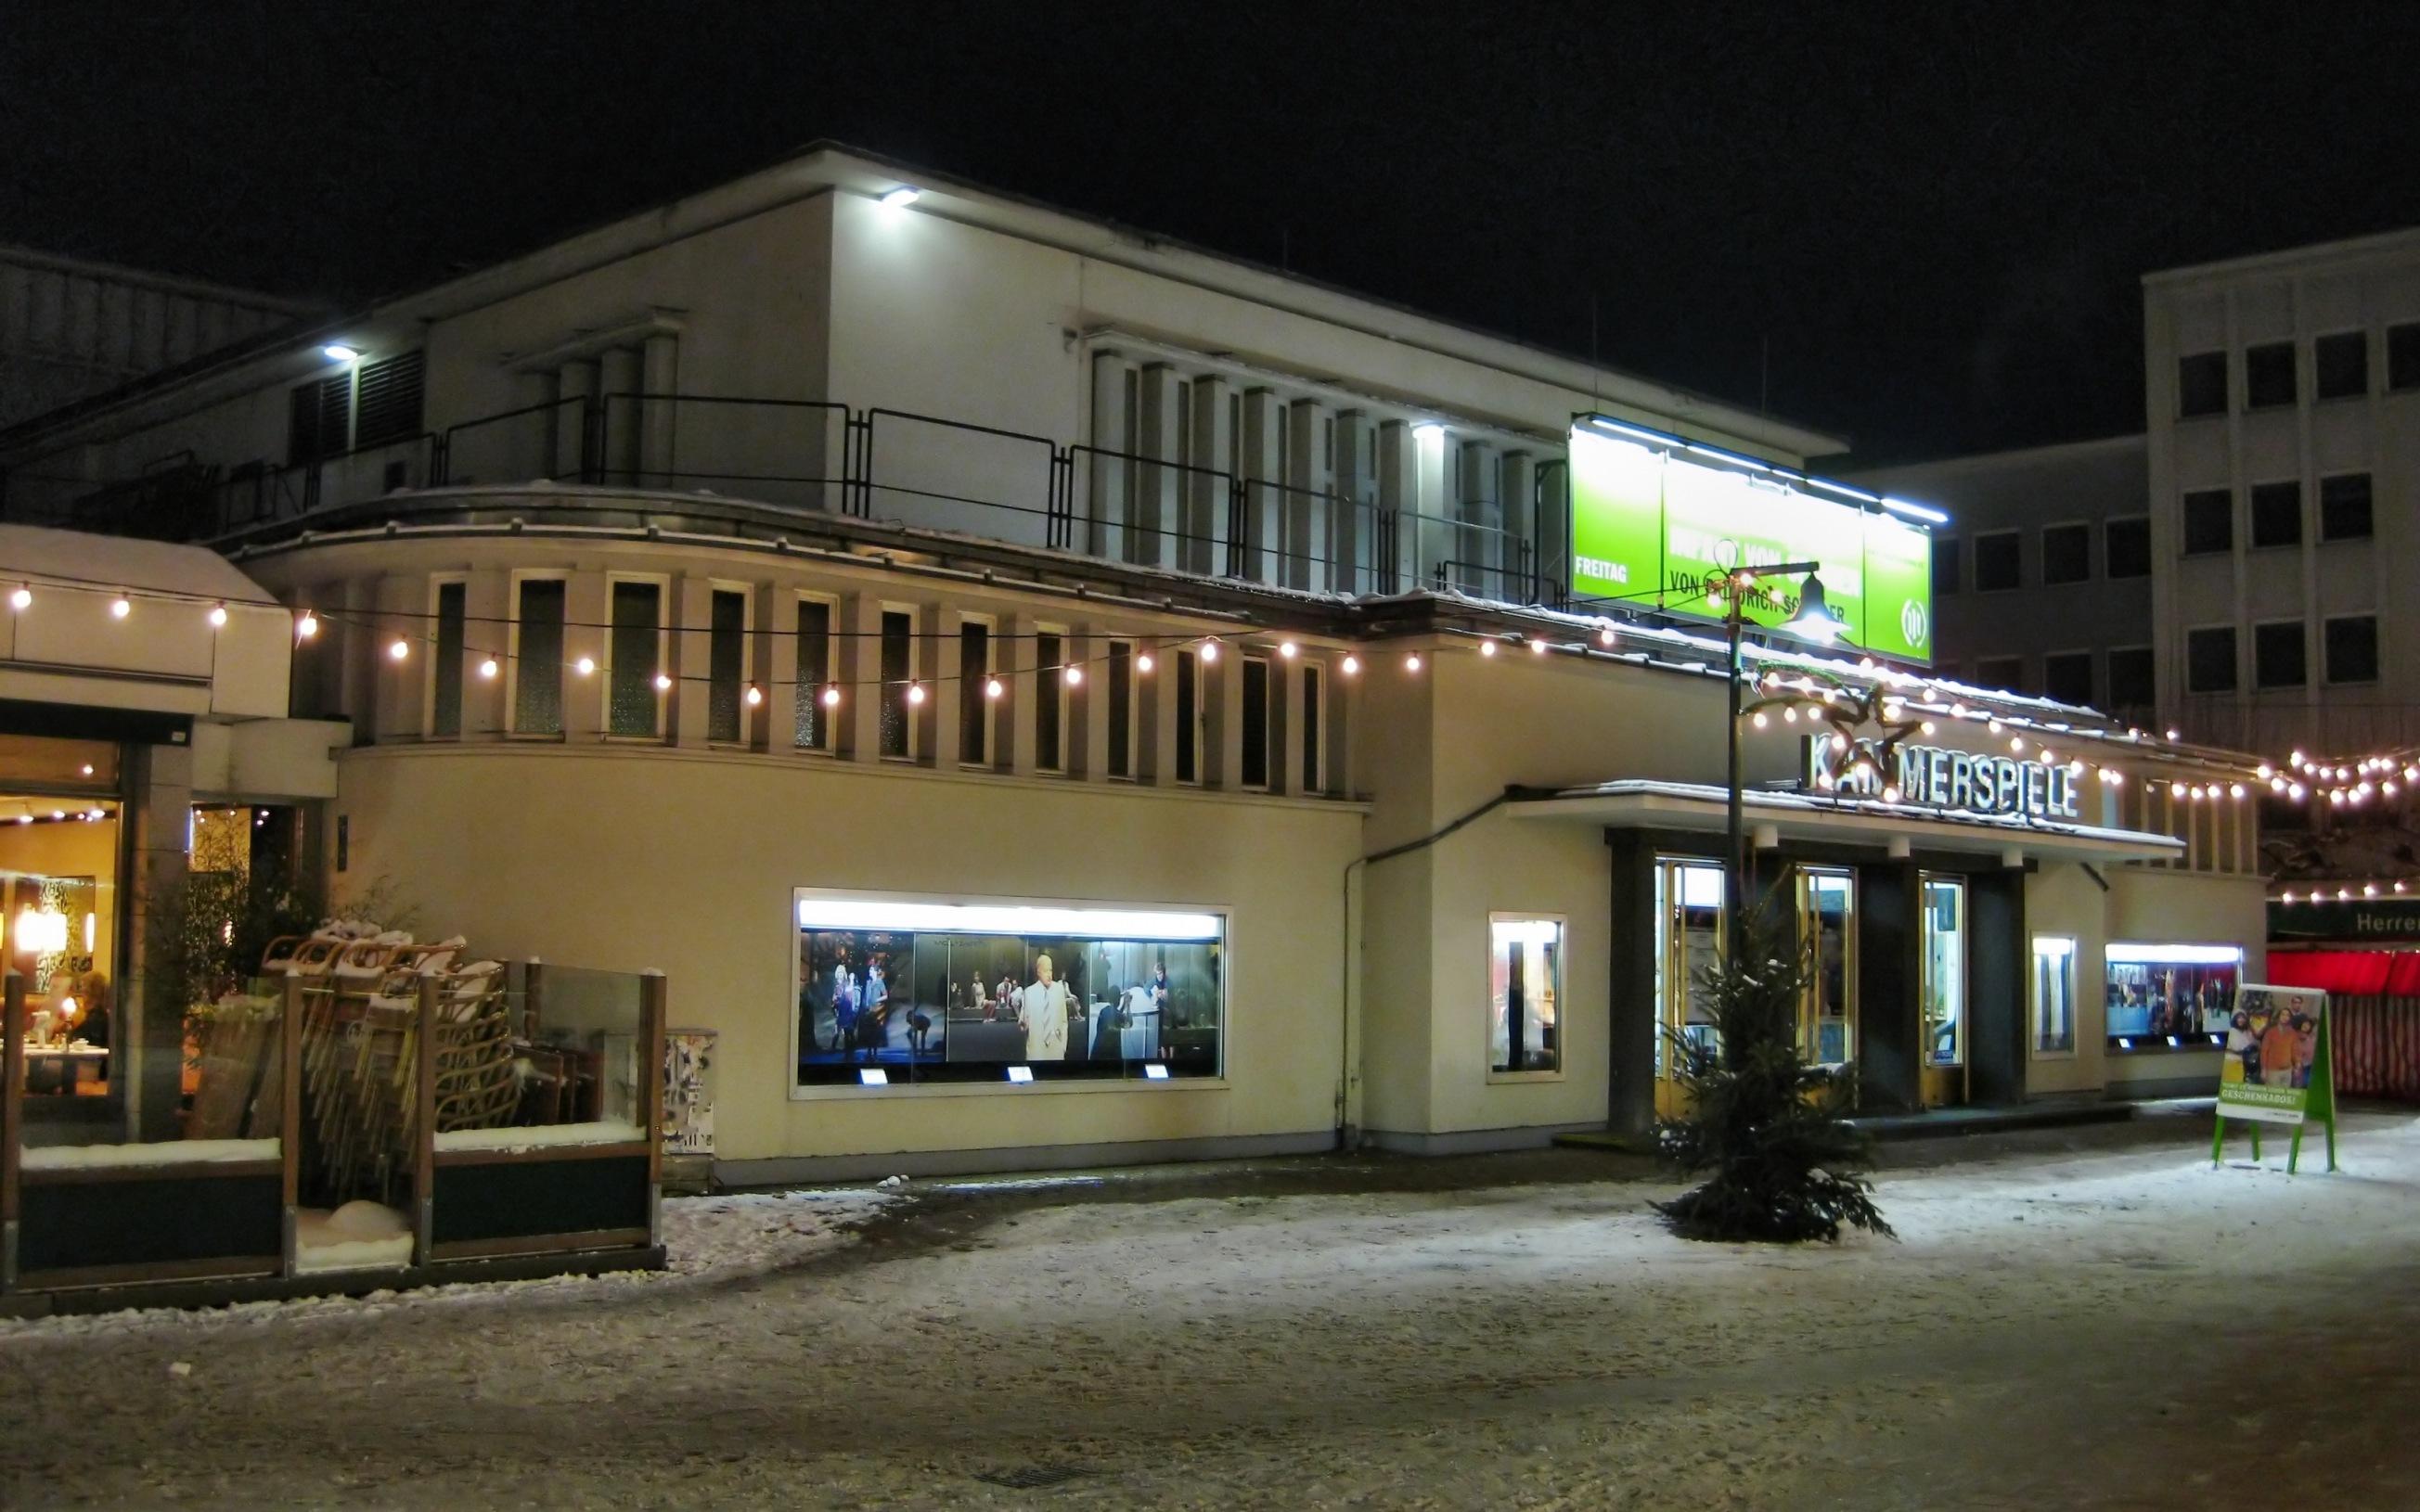 Kammerspiele: angeblich in den 50er Jahren als Stadttheater Bad Godesberg der erste Theaterneubau nach dem Krieg in